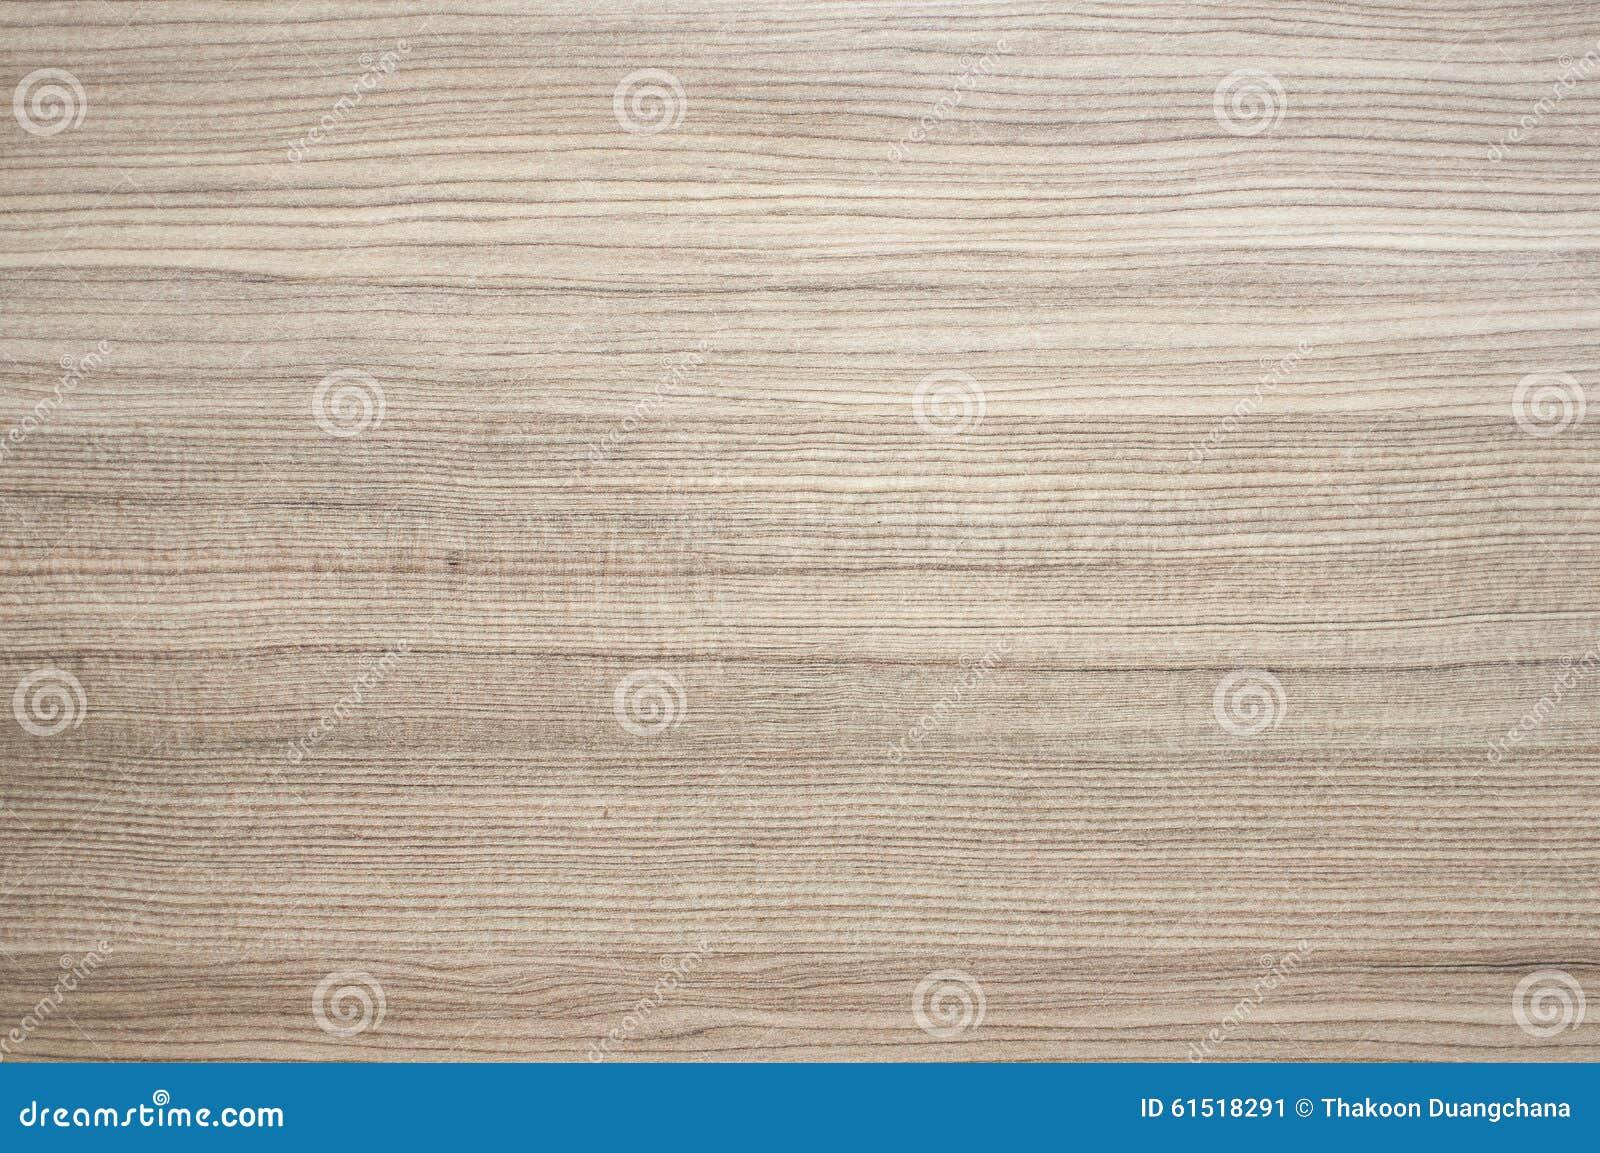 Σύγχρονη ξύλινη σύσταση στο ελαφρύ χρώμα